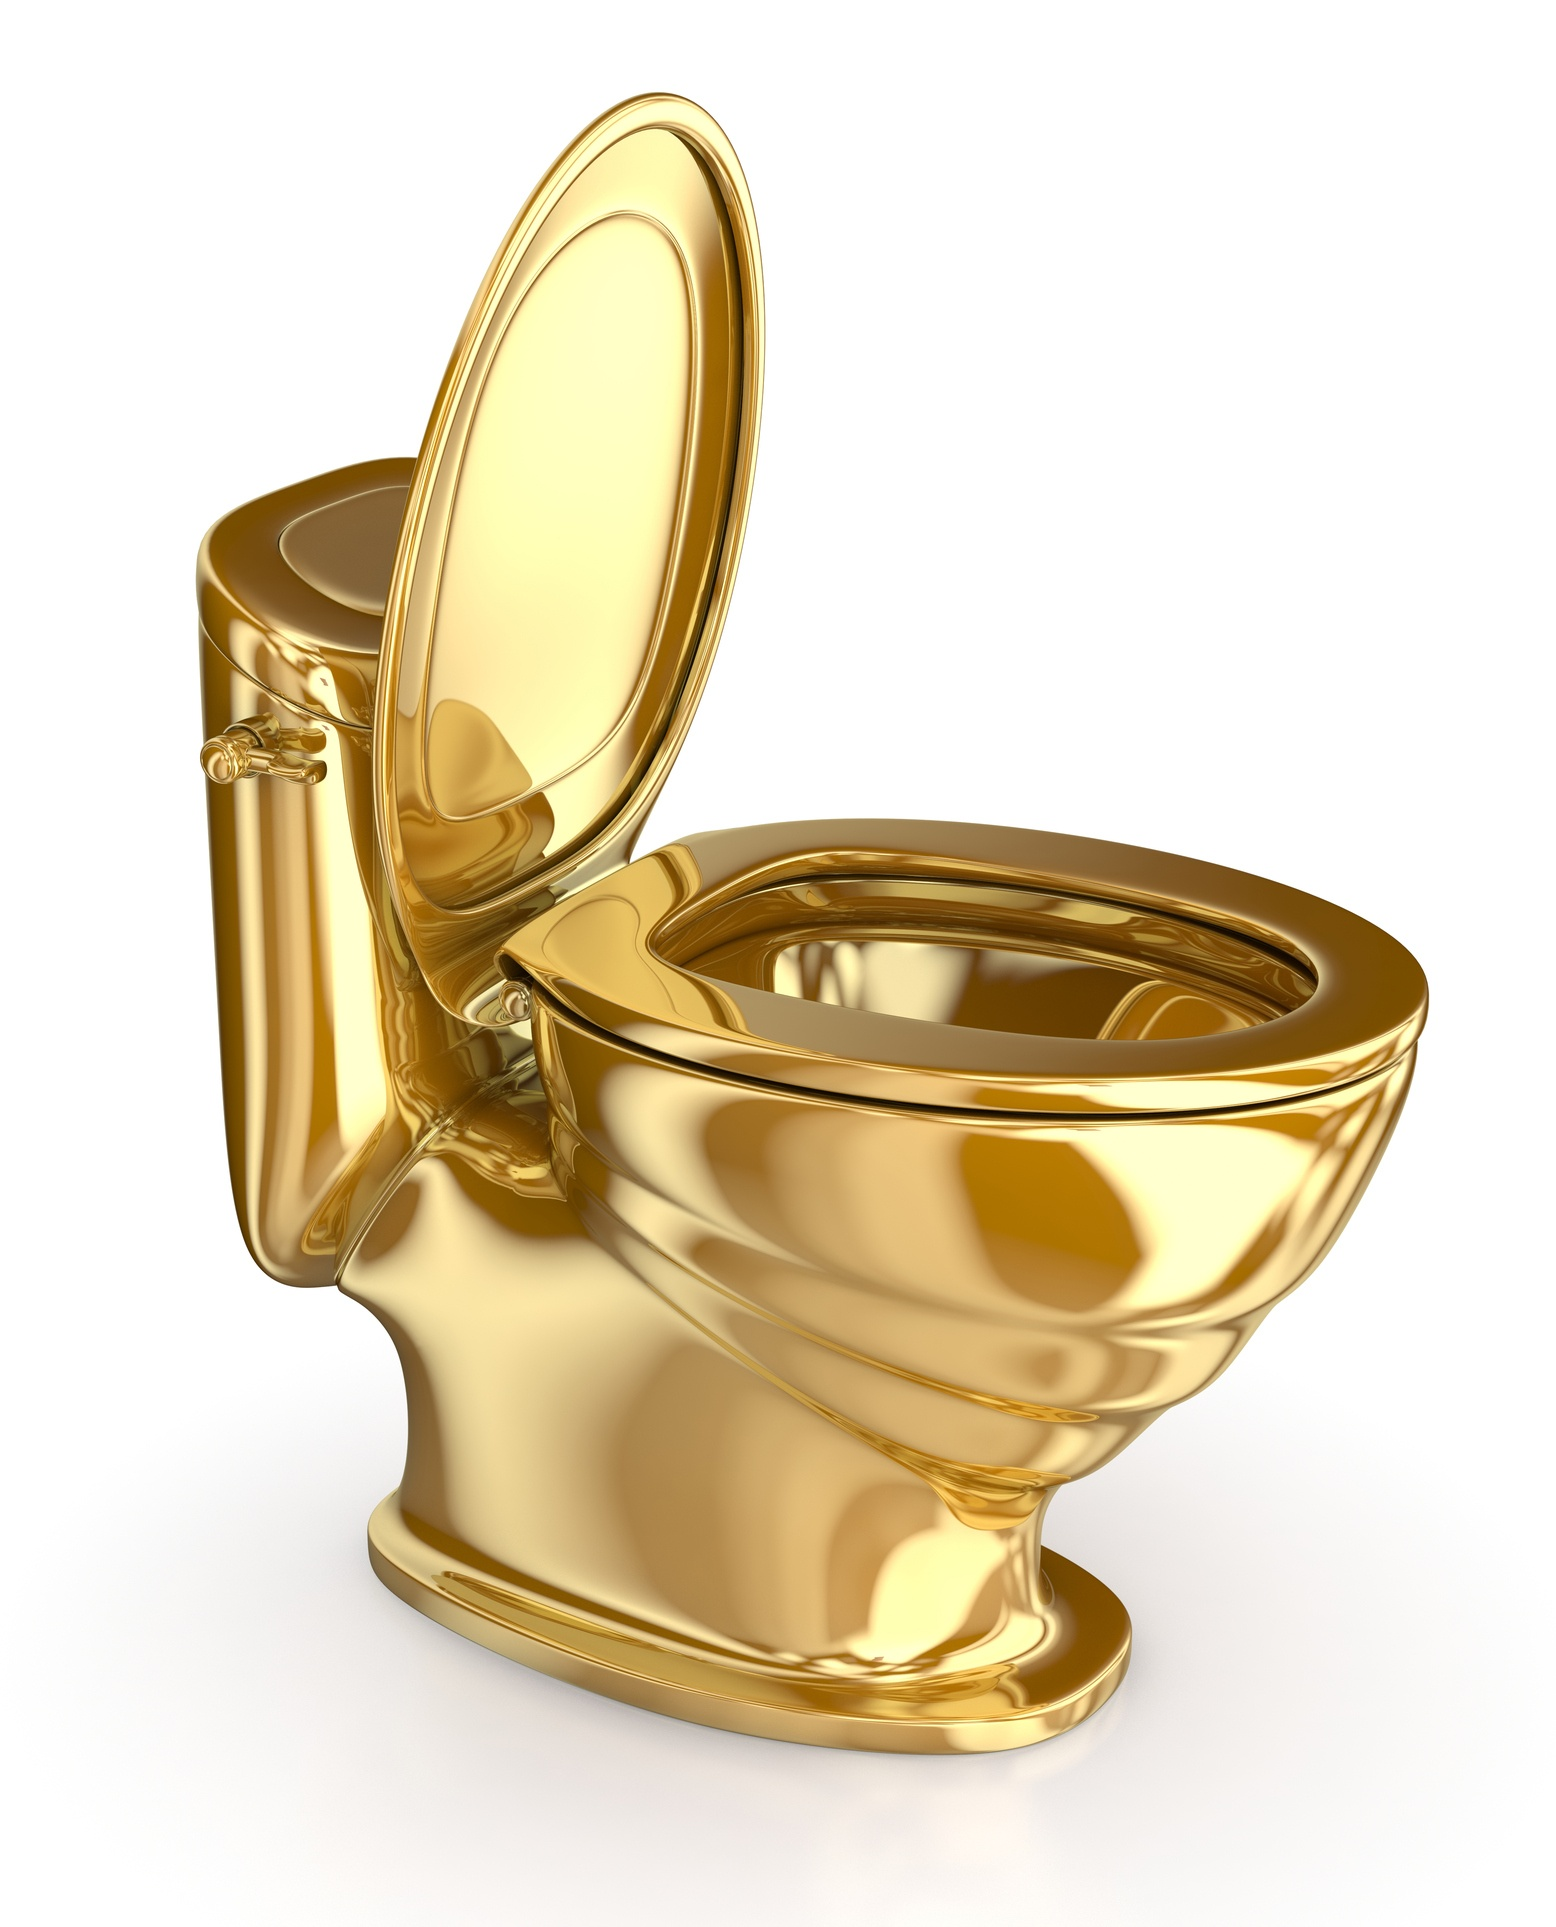 Gold Toilet